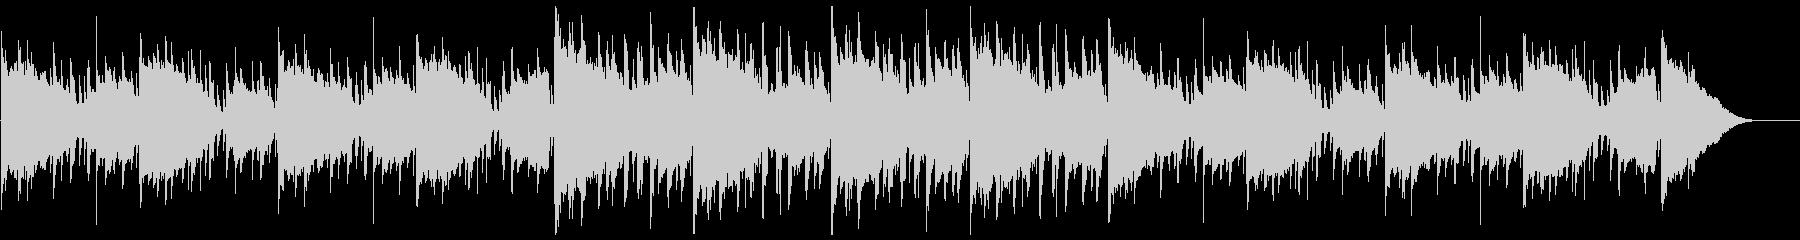 エンディング・リラックス・チルアウトの未再生の波形